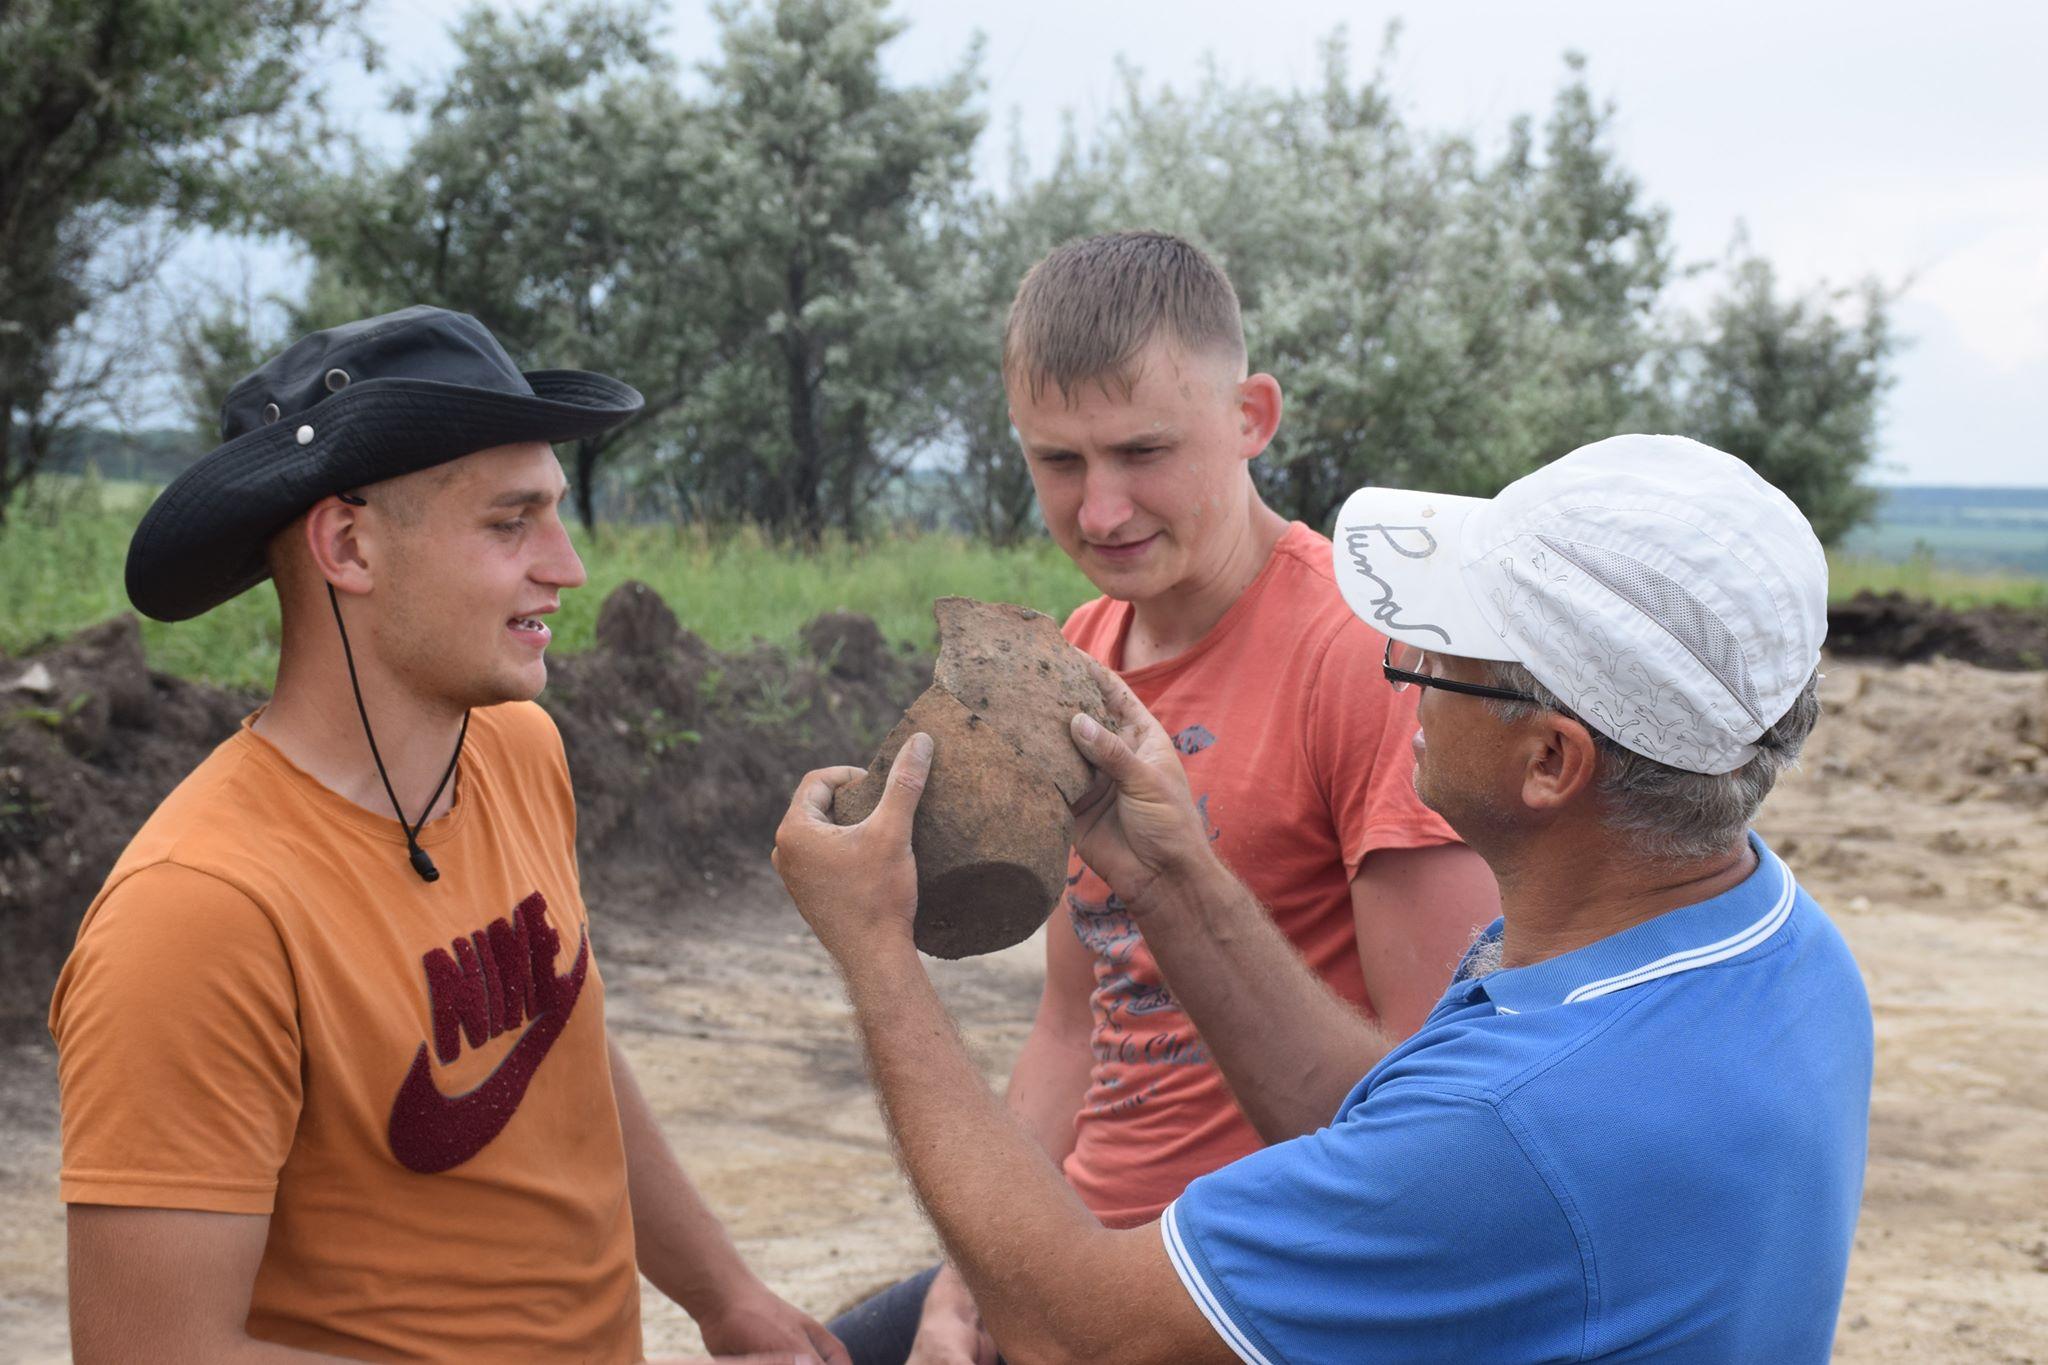 Interviu cu Directorul Agenției Naționale Arheologice, Vlad Vornic, despre starea patrimoniului arheologic al Republicii Moldova (VIDEO)